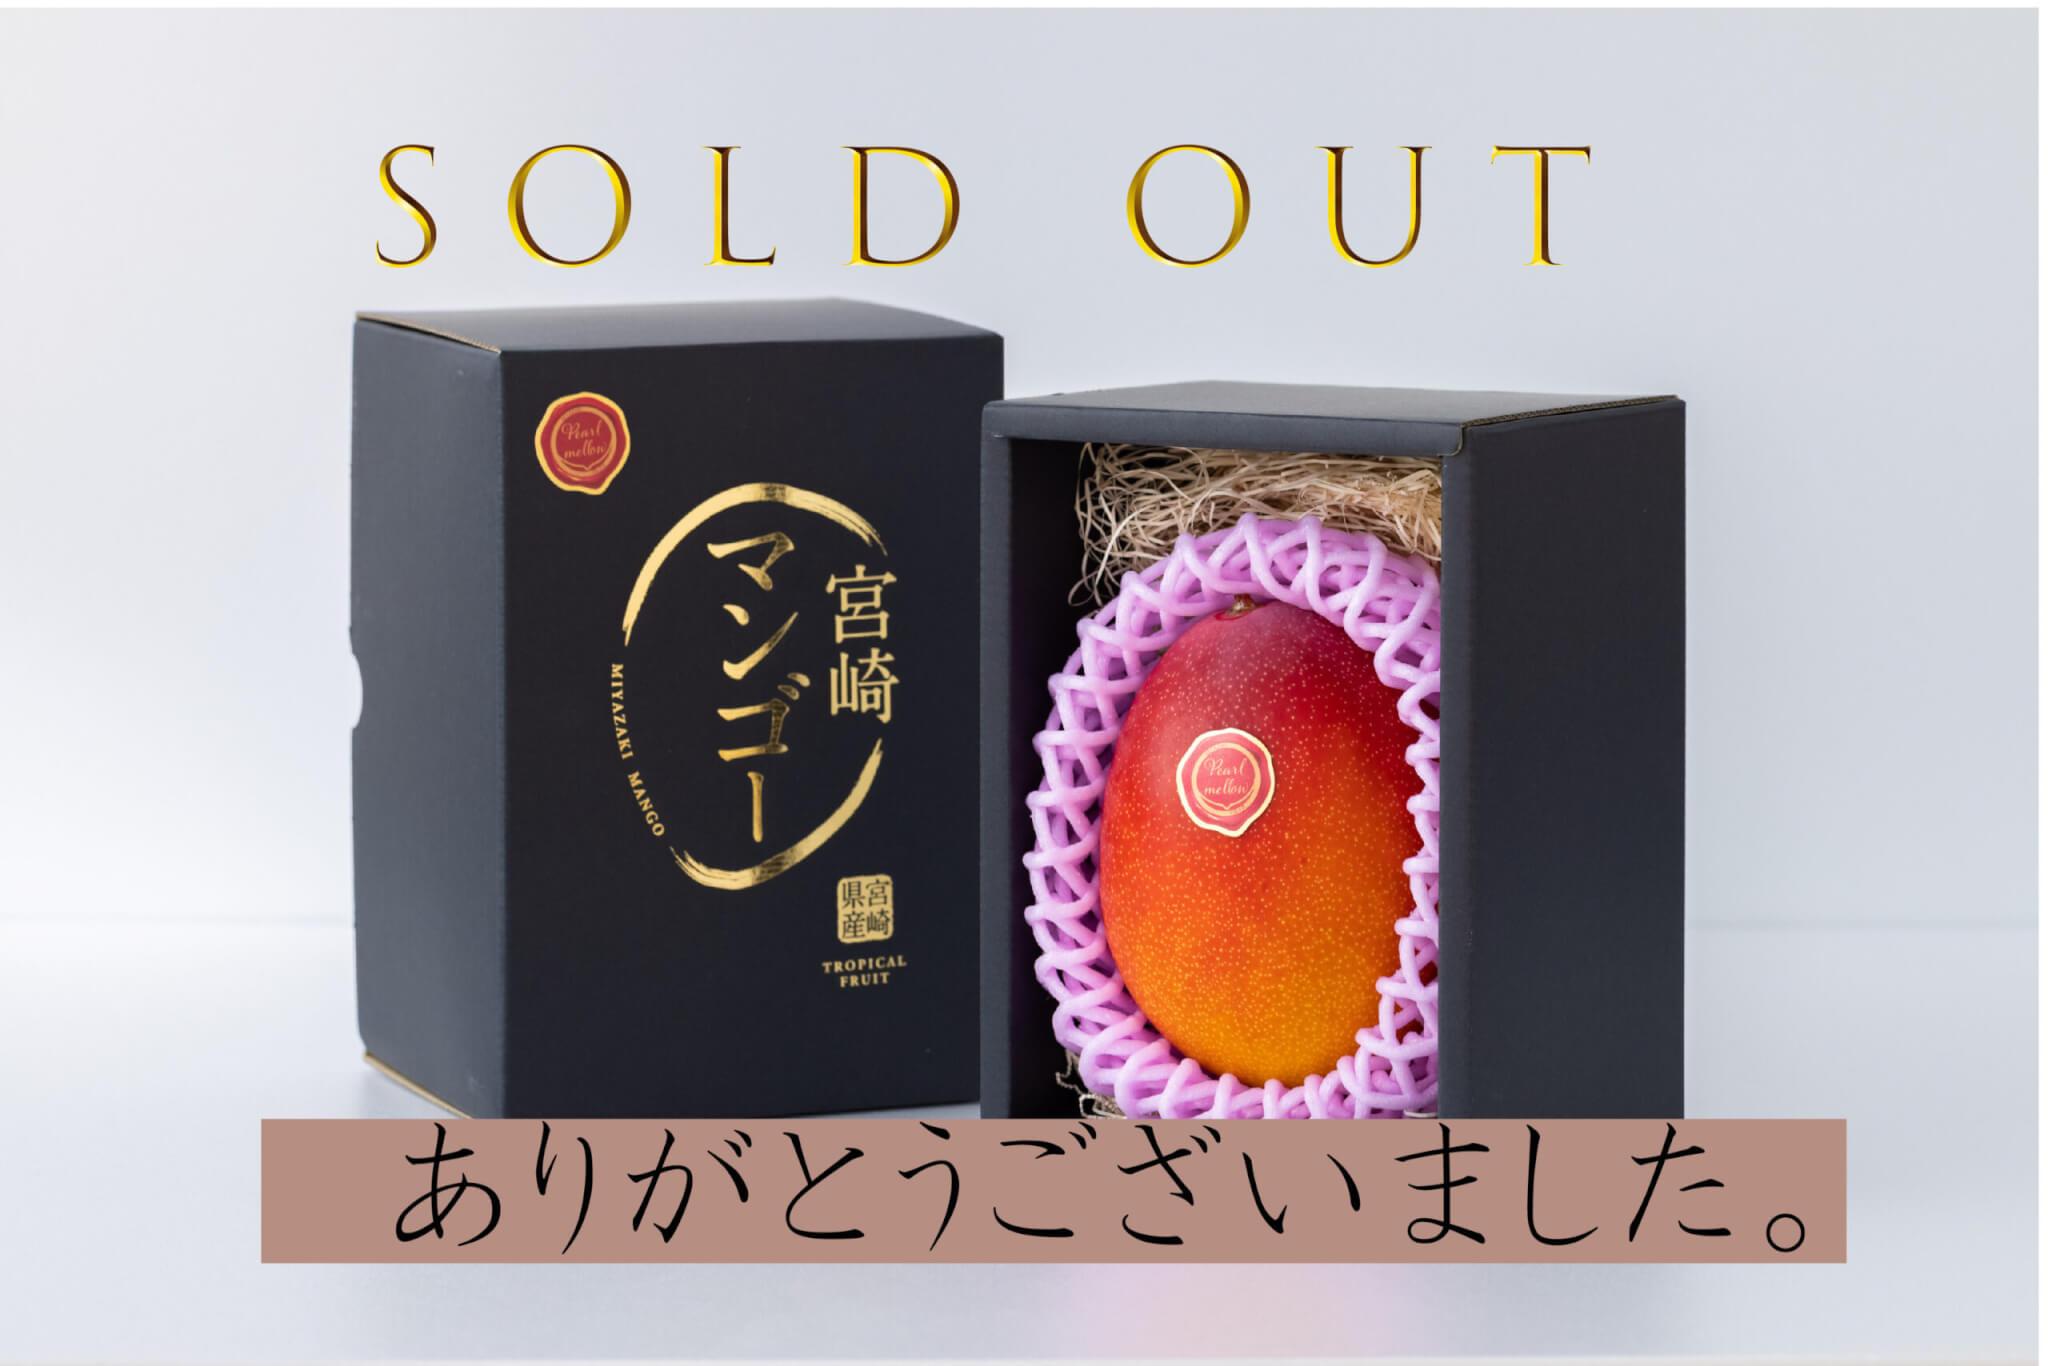 大玉パルメロ 600g以上 1玉入り【SOLD OUT】